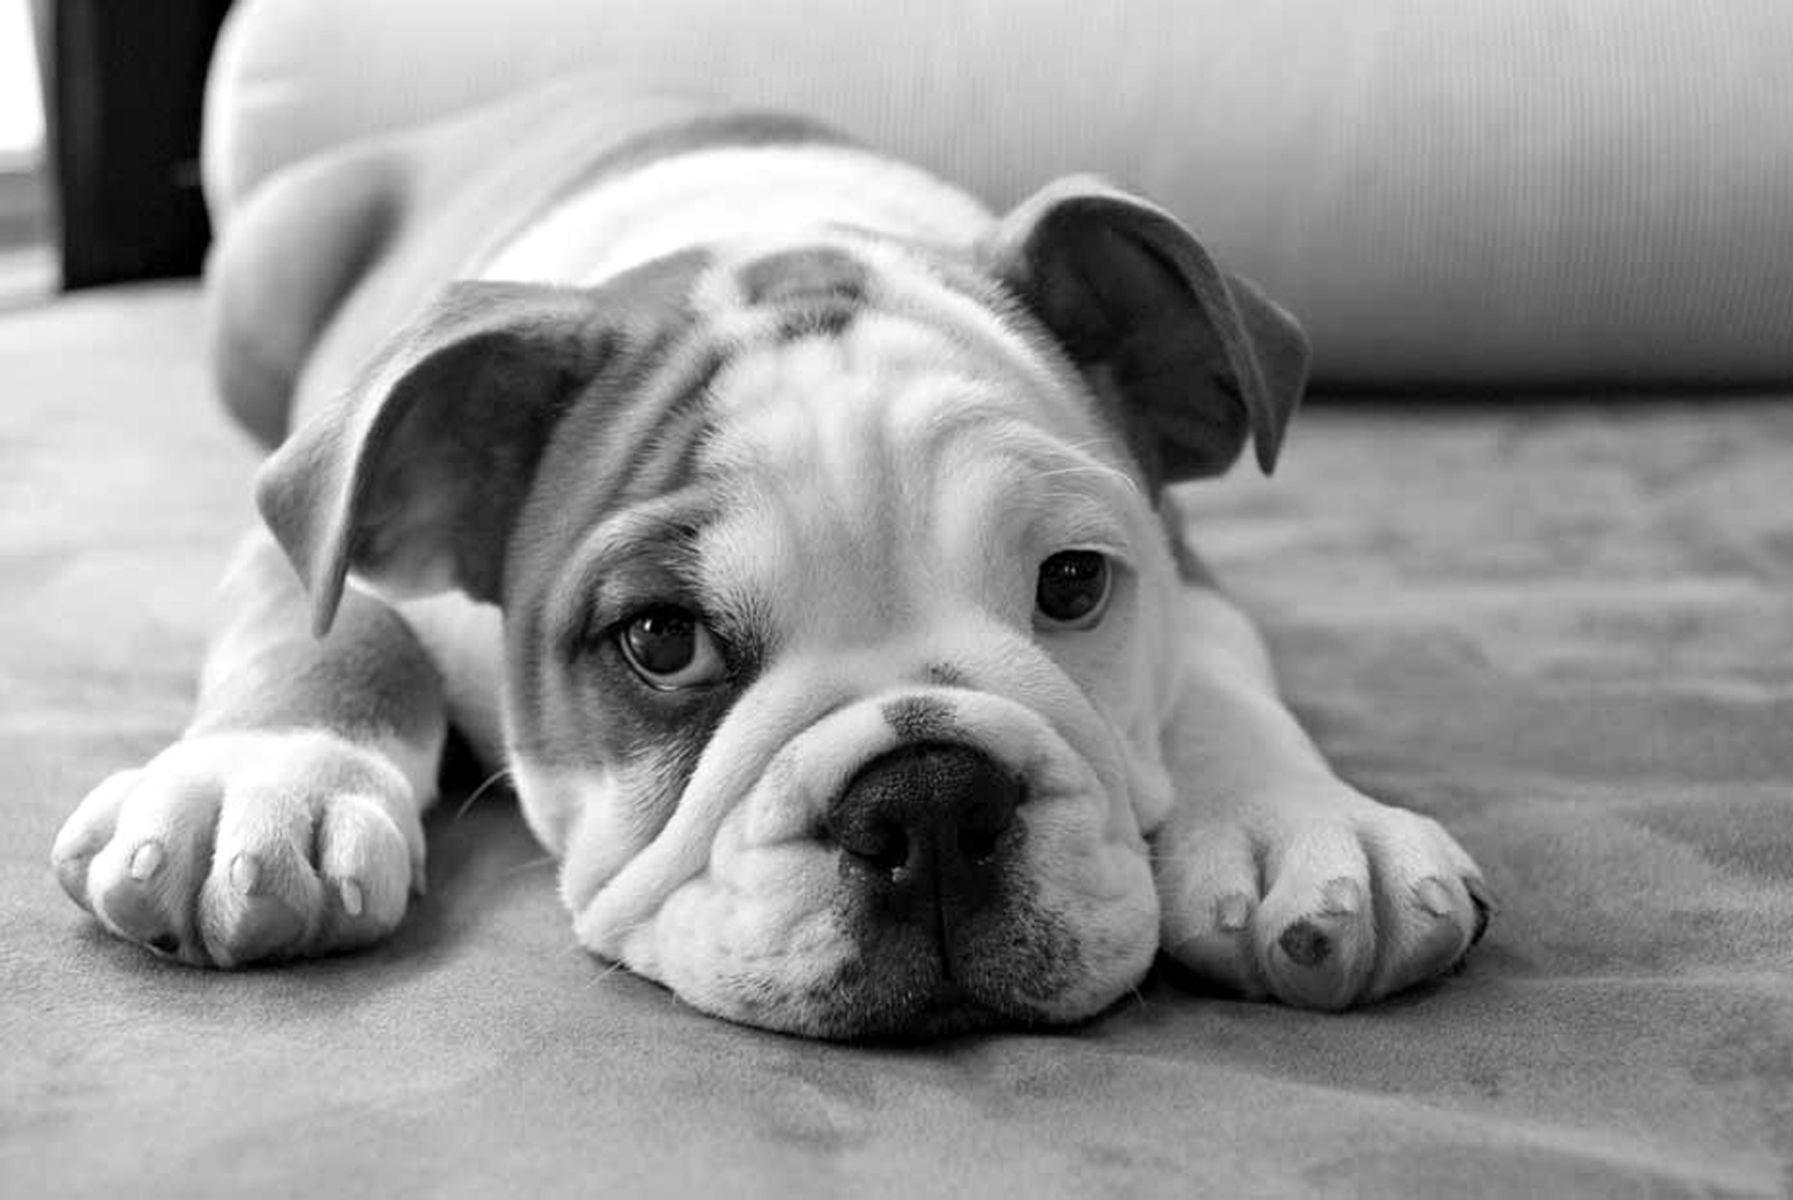 1bulldogpuppy16_bwlow